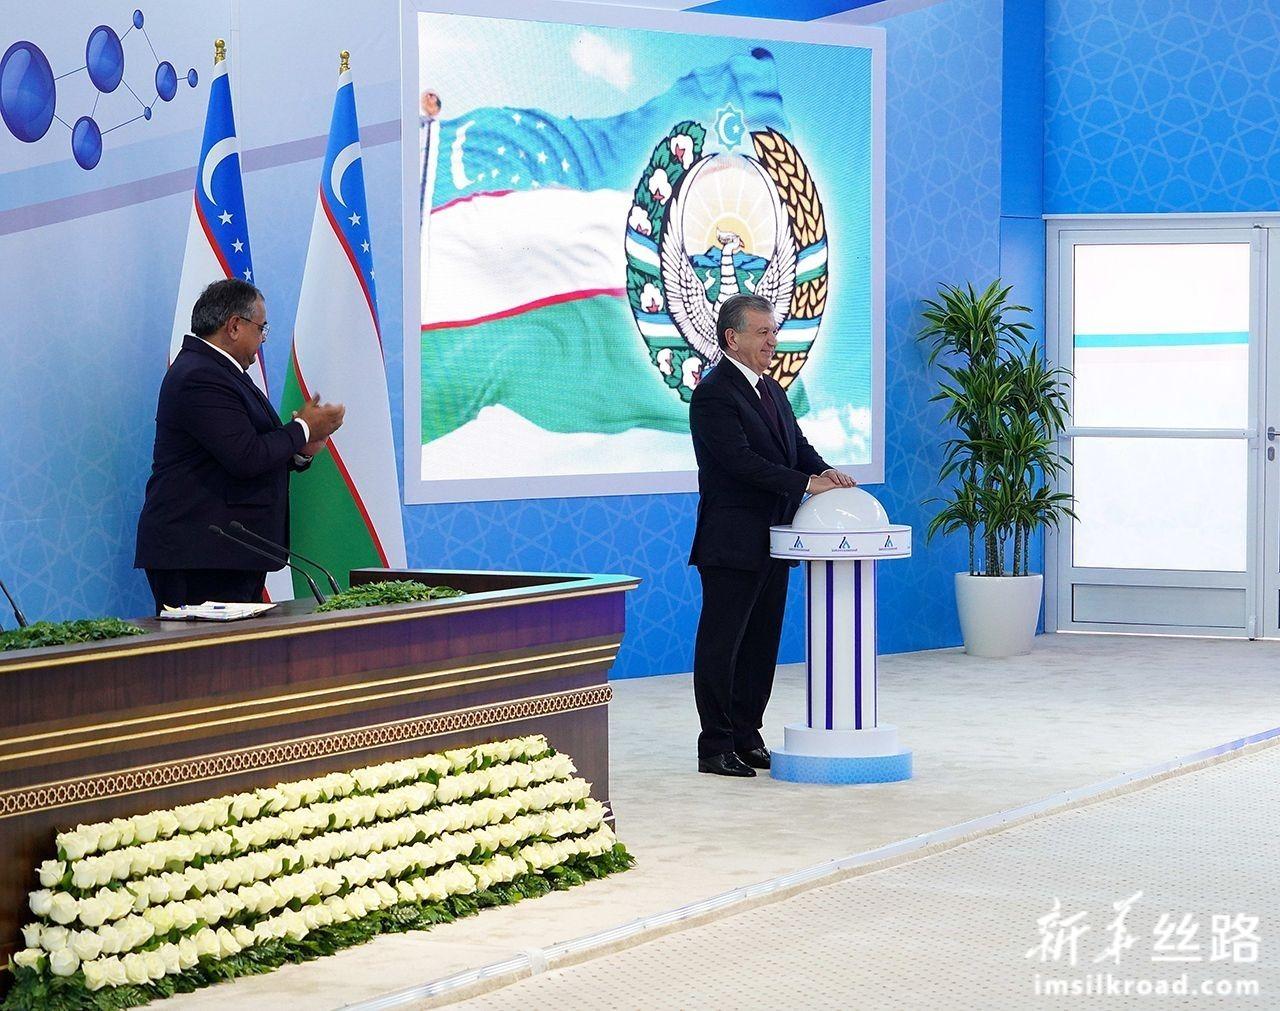 12月28日,在乌兹别克斯坦纳沃伊,乌总统米尔济约耶夫(右)在项目投产仪式上按下启动按钮。新华社发(扎法尔摄)